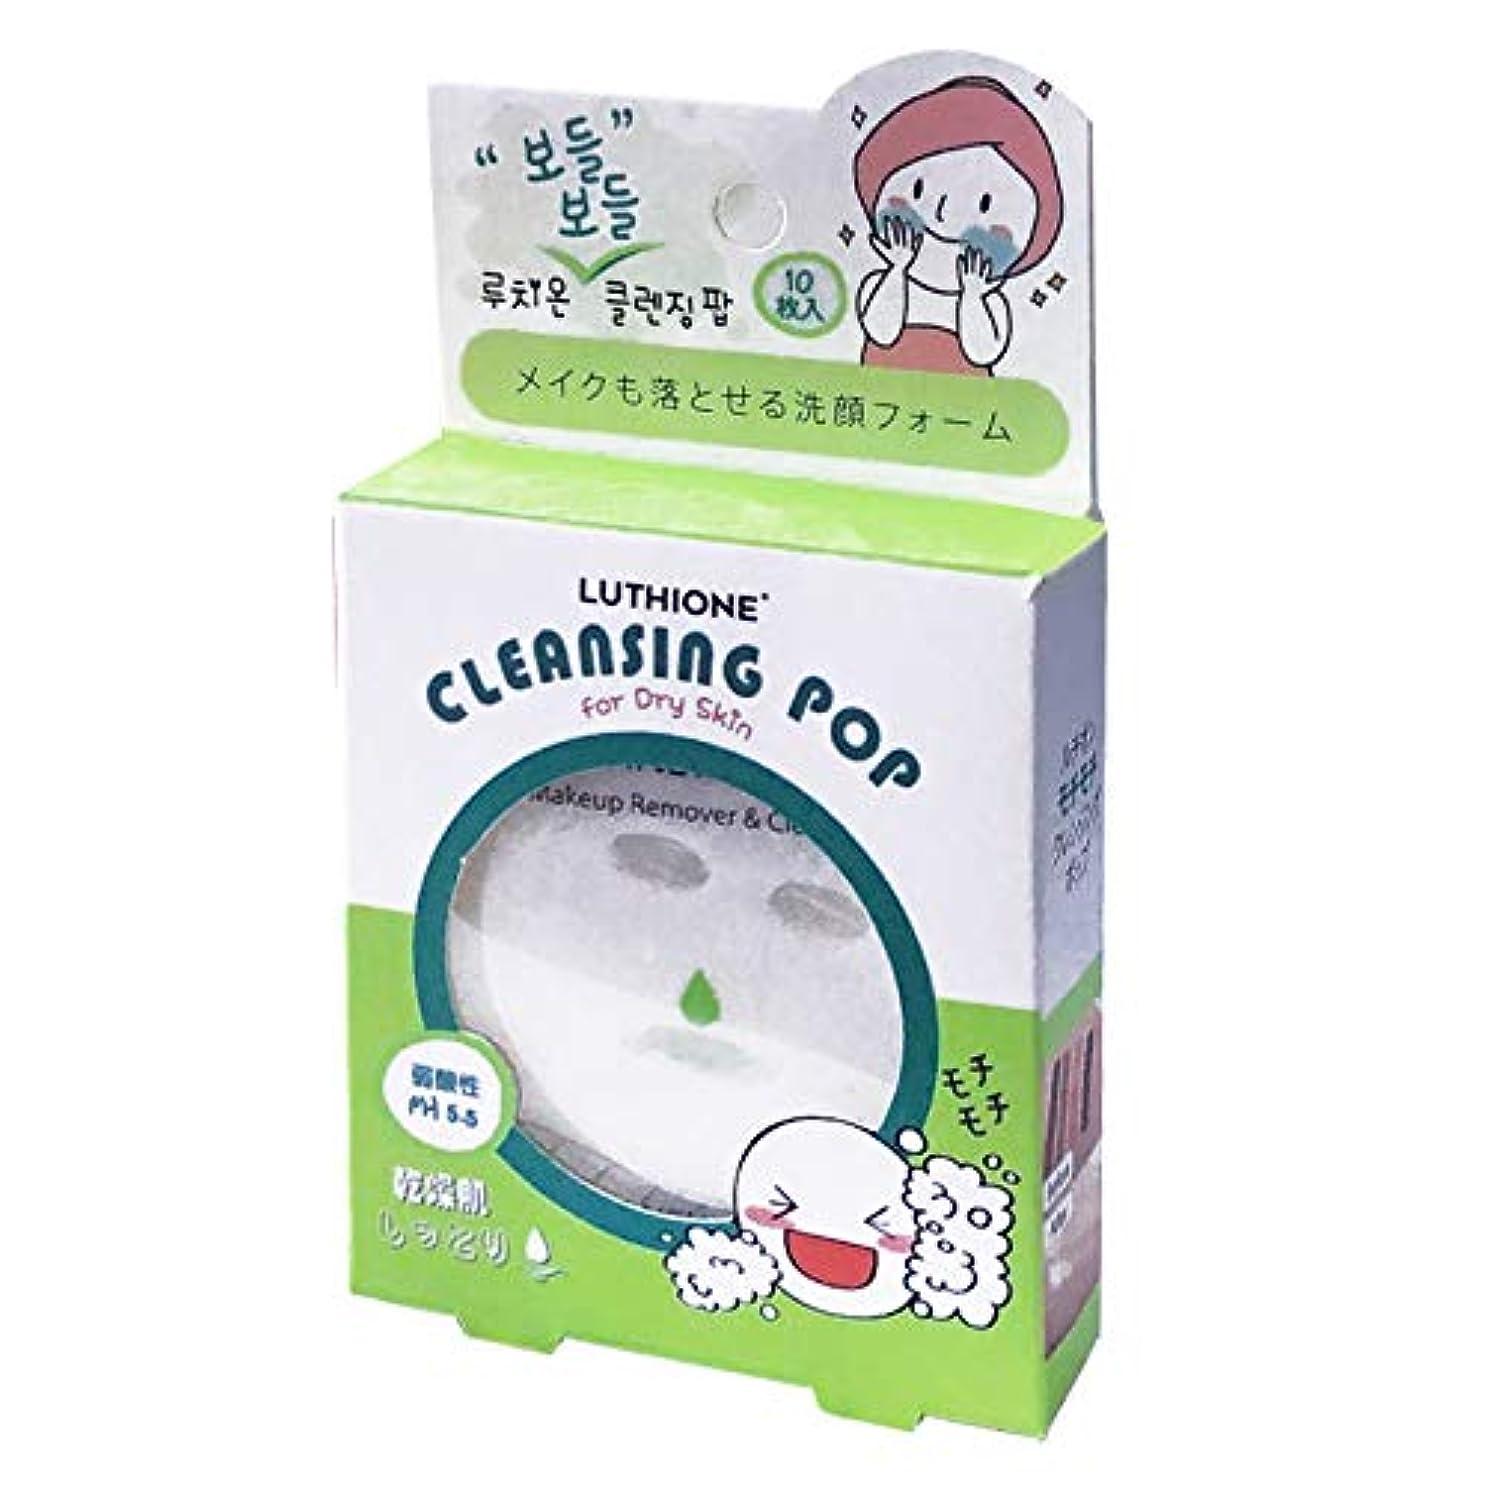 推進失速過剰【まとめ買い】ルチオン クレンジングポップ (LUTHIONE CLEANSING POP) 乾燥肌 10枚入り ×6個